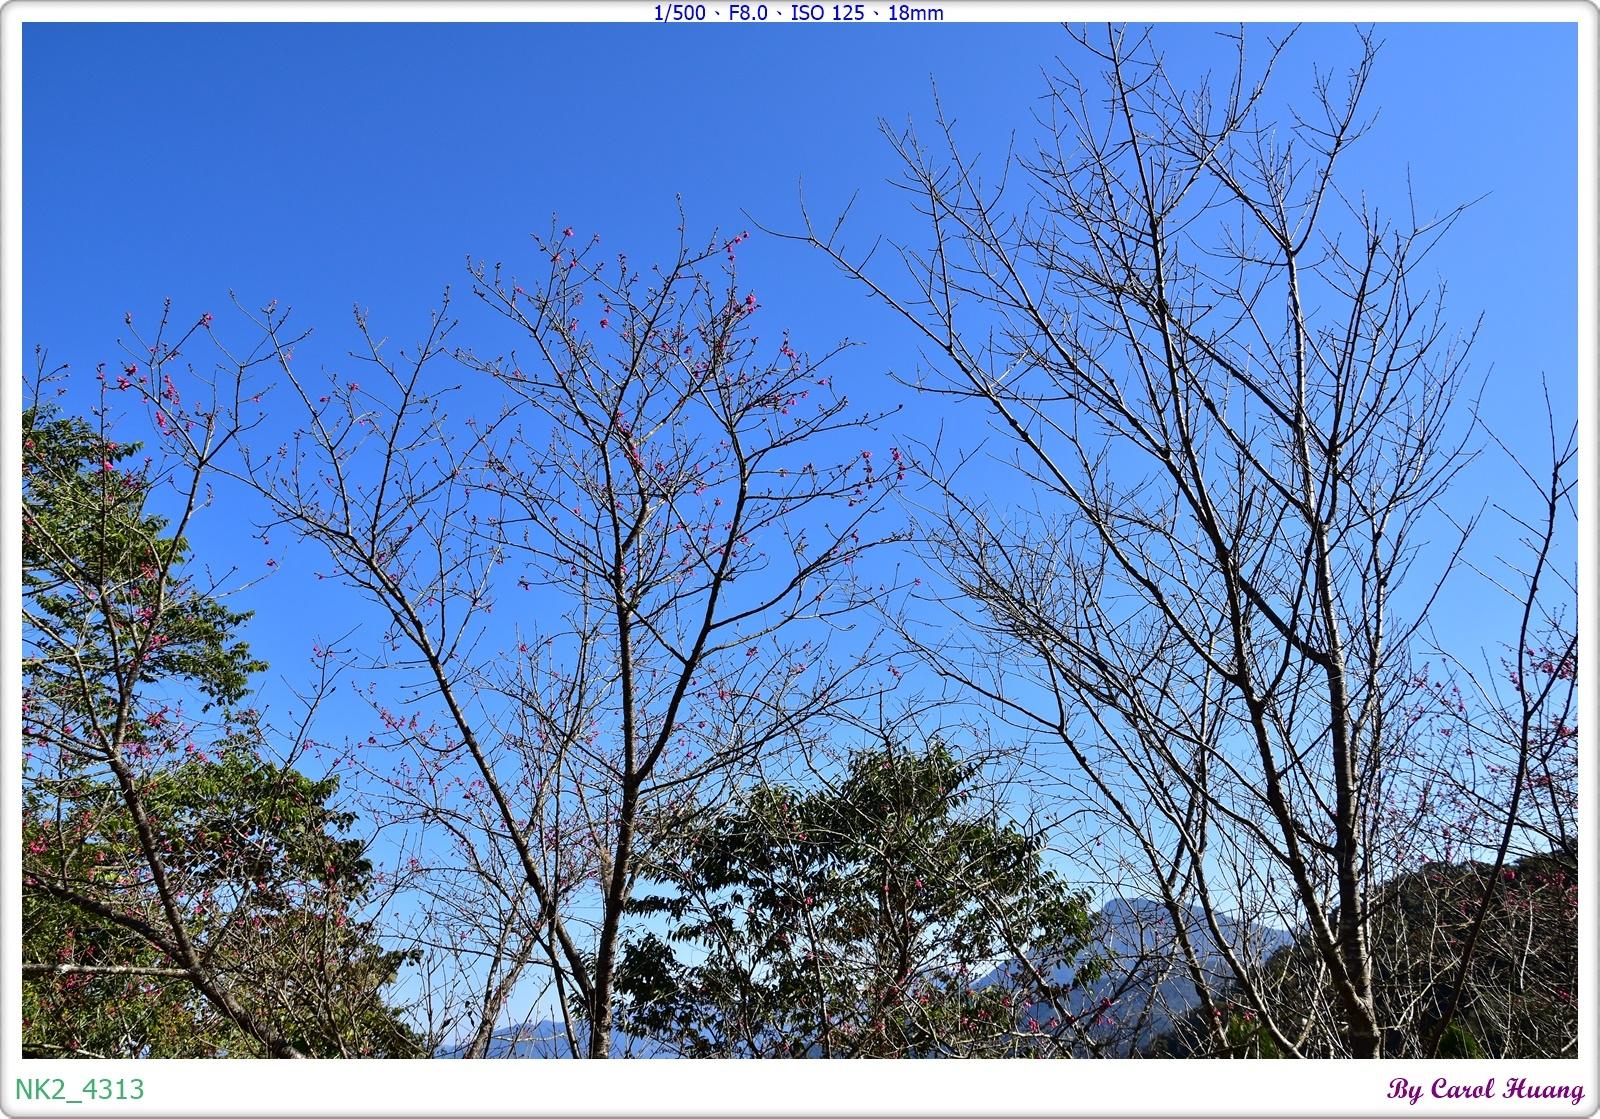 NK2_4313.JPG